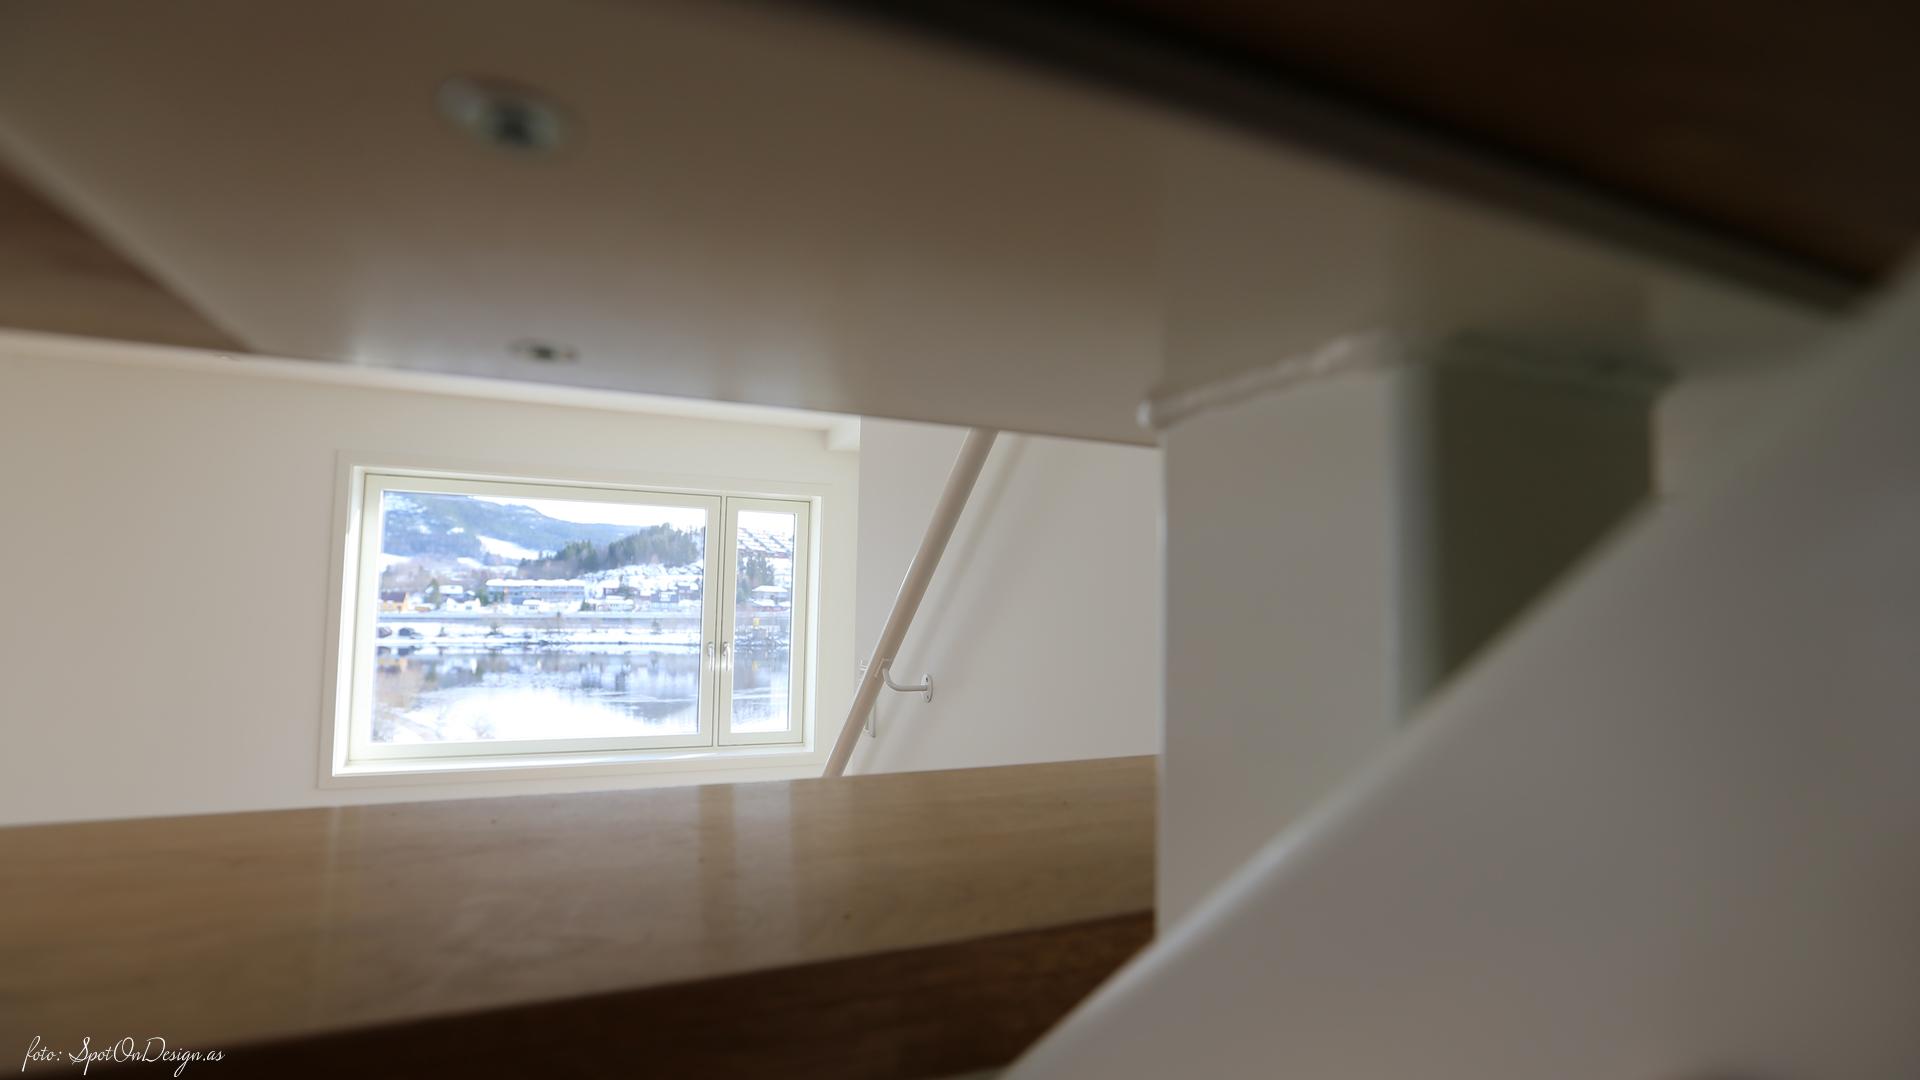 Trappen til fjordutsikt